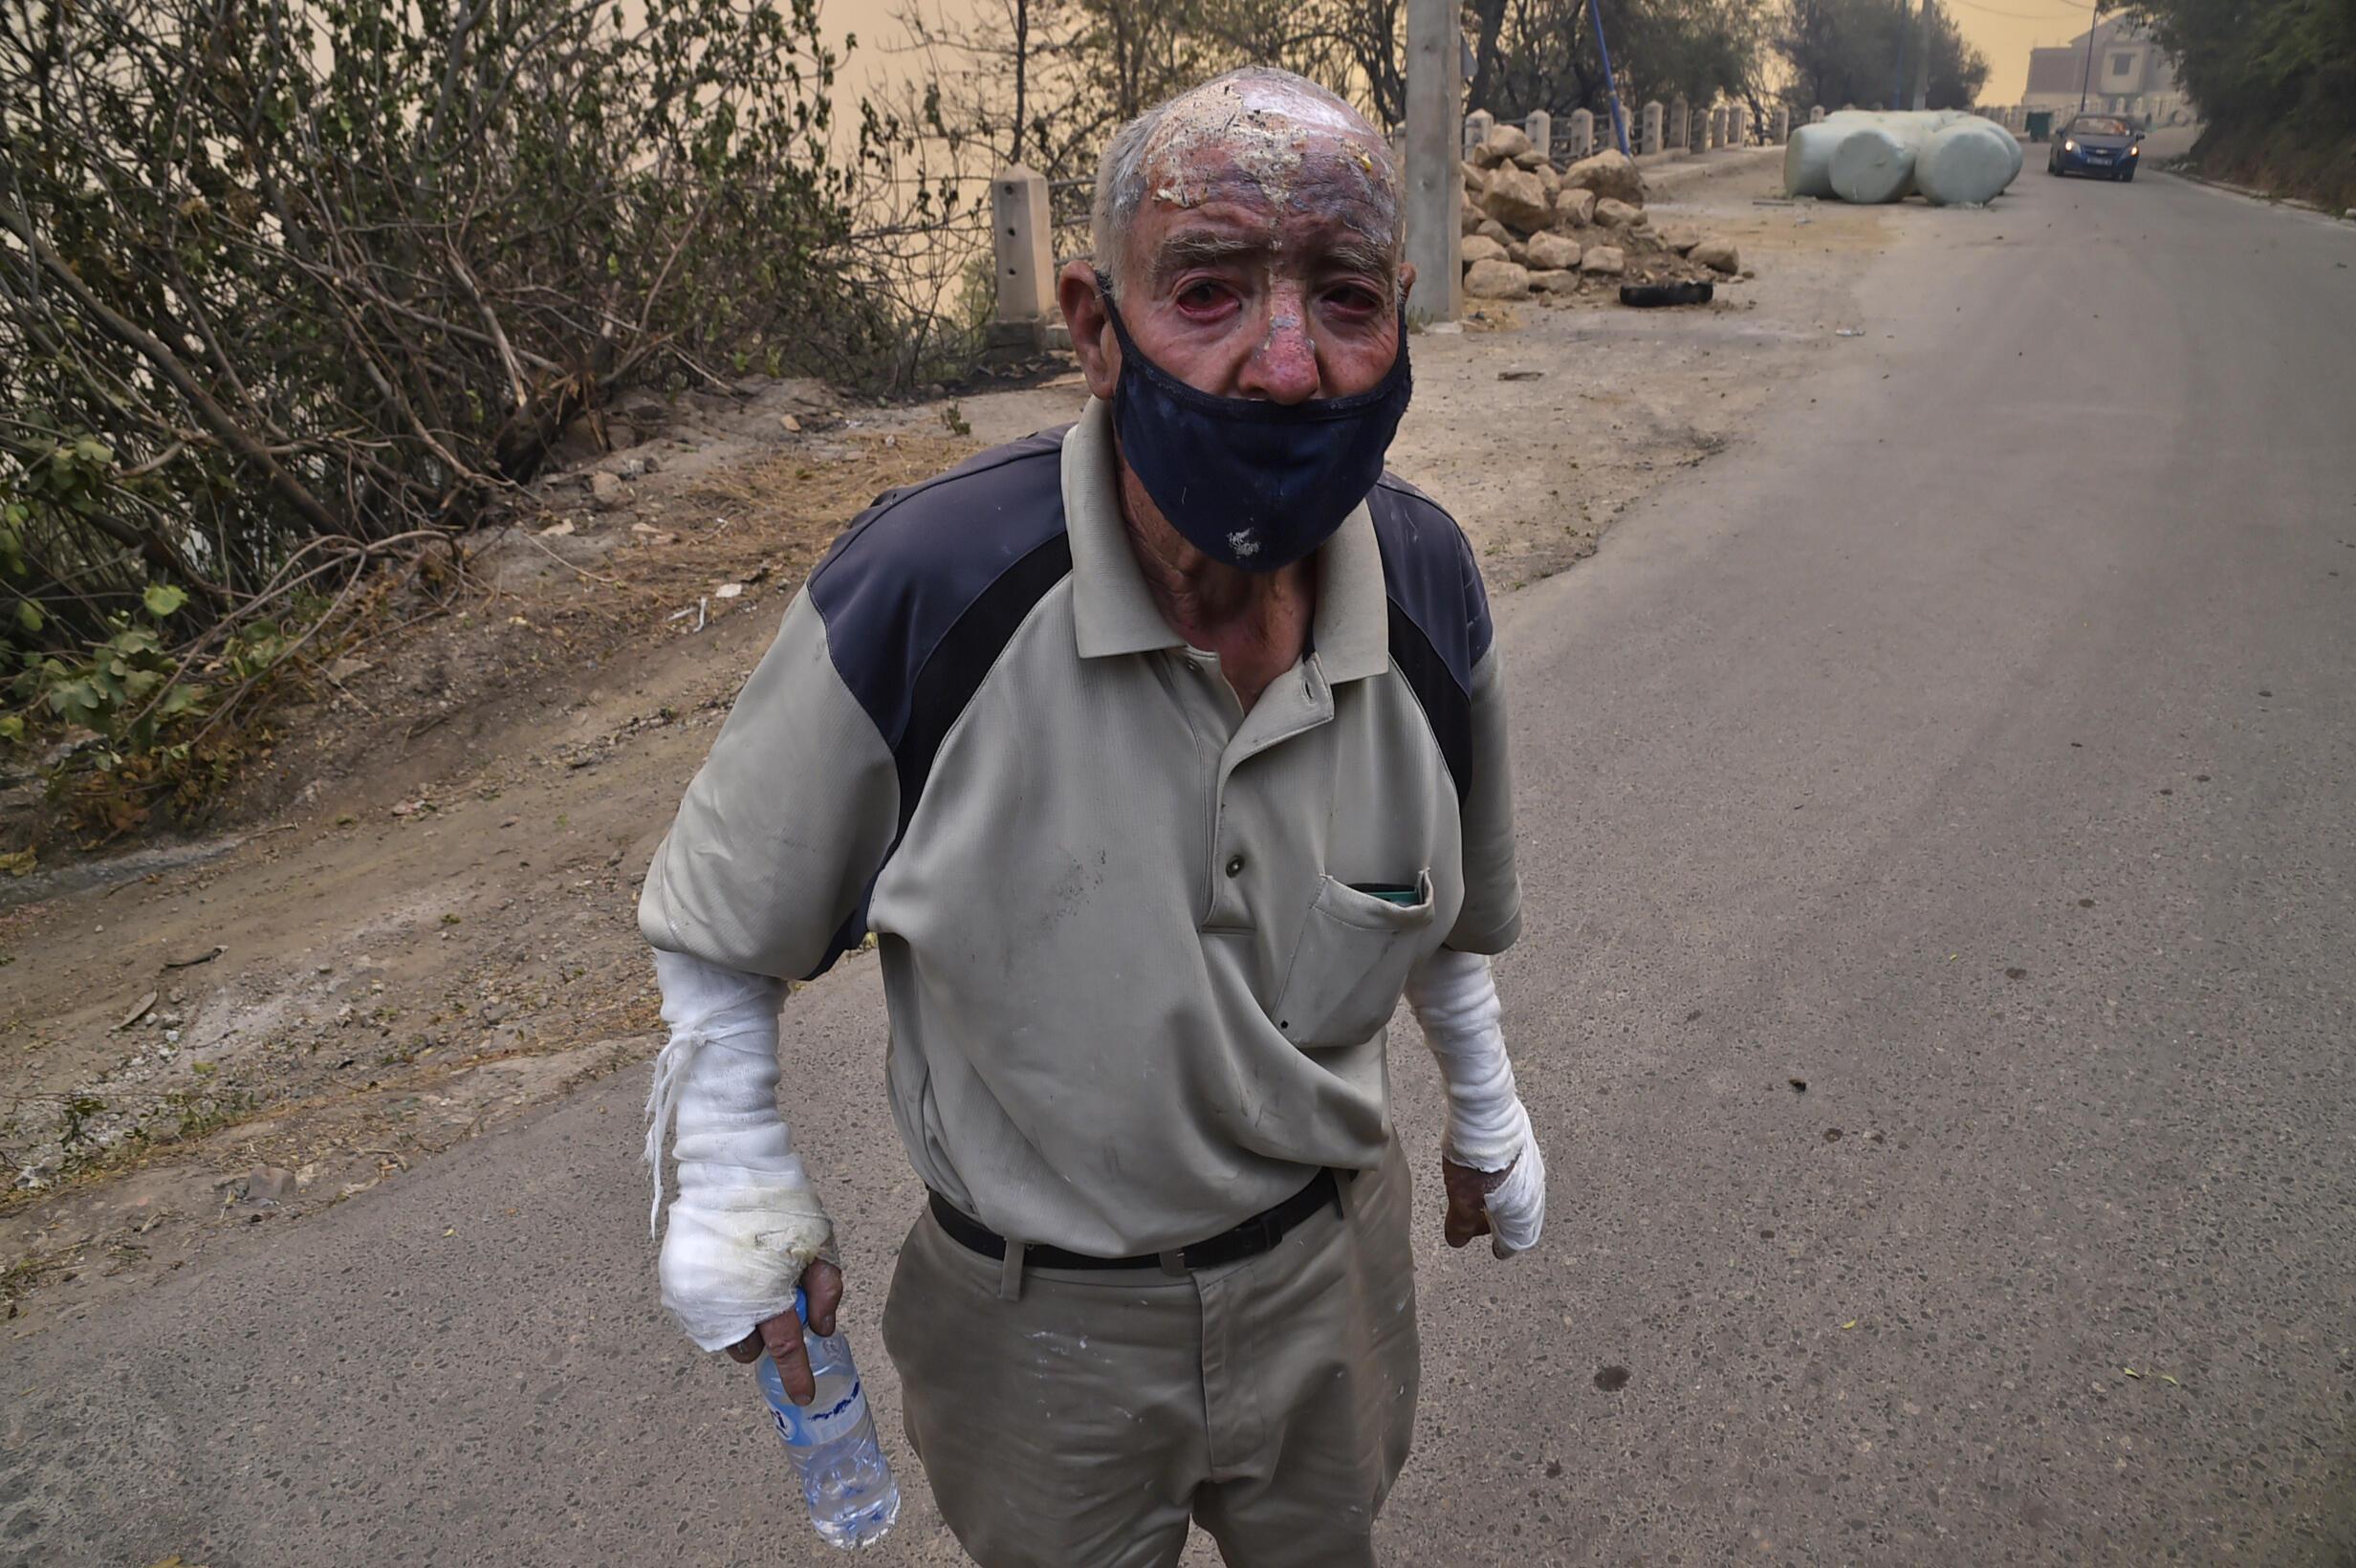 Une personne est blessée lors d'un incendie de forêt à Tizi Ouzou